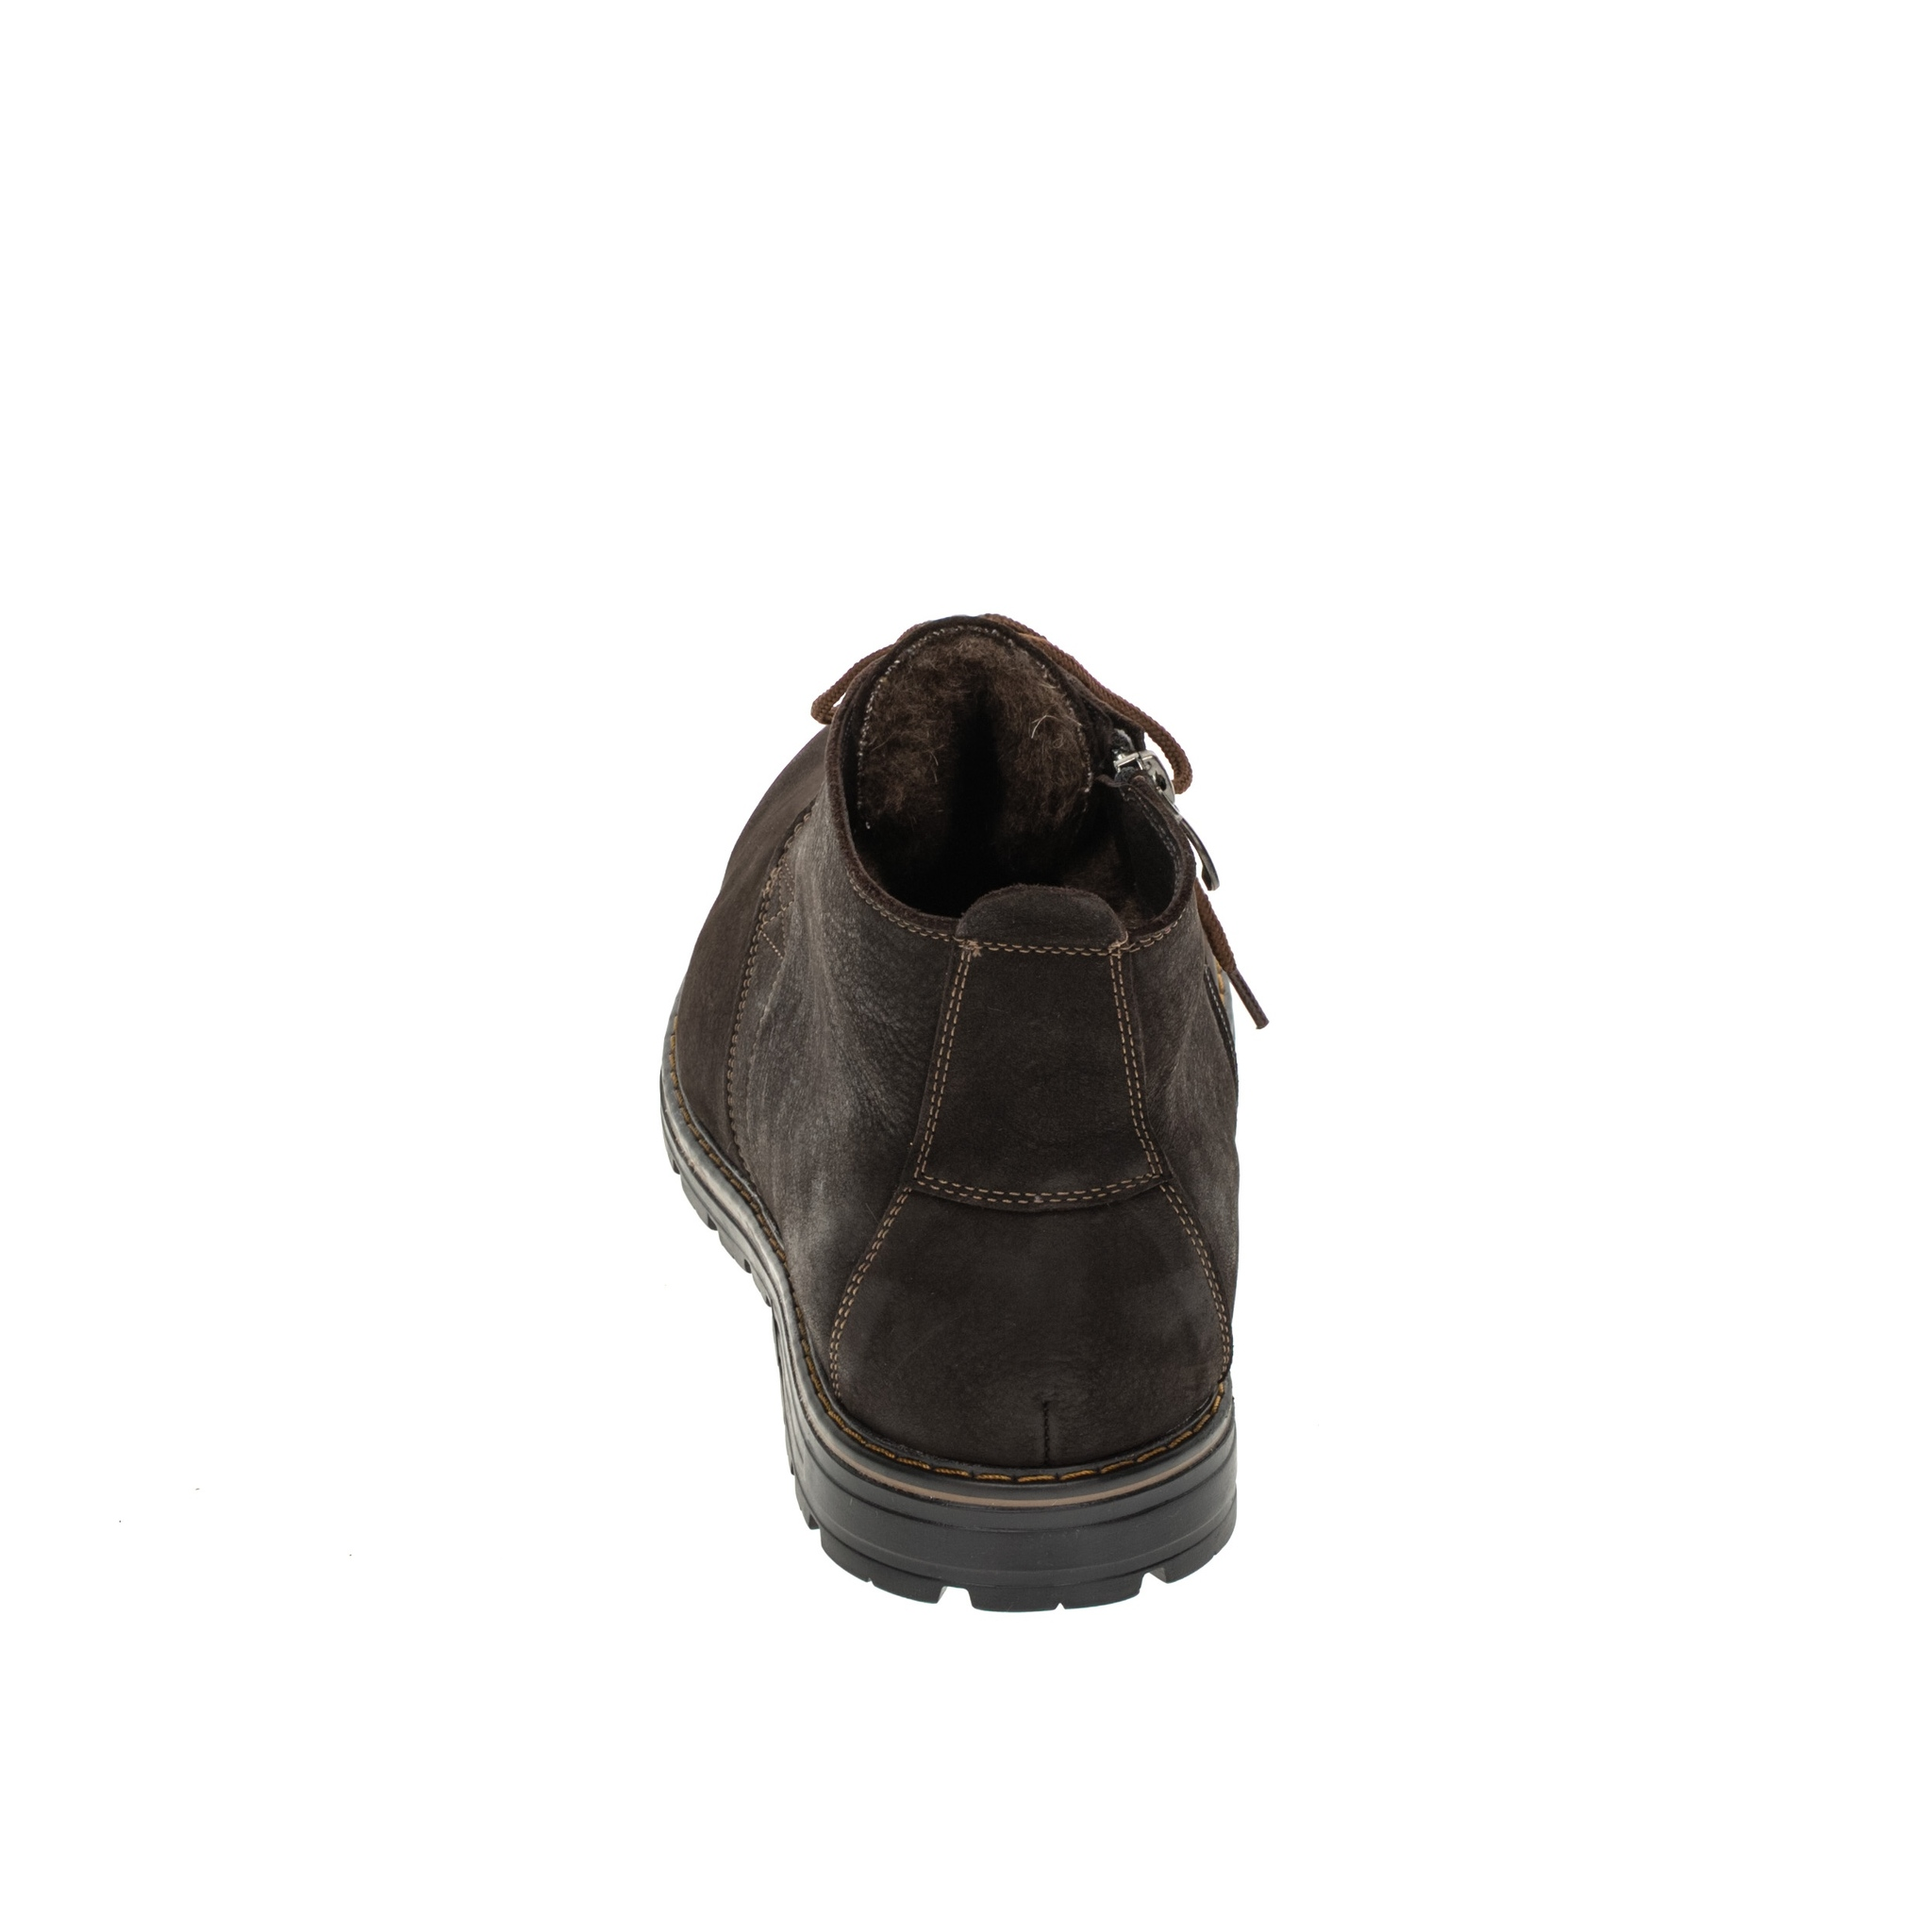 565483 ботинки мужские коричневые больших размеров марки Делфино